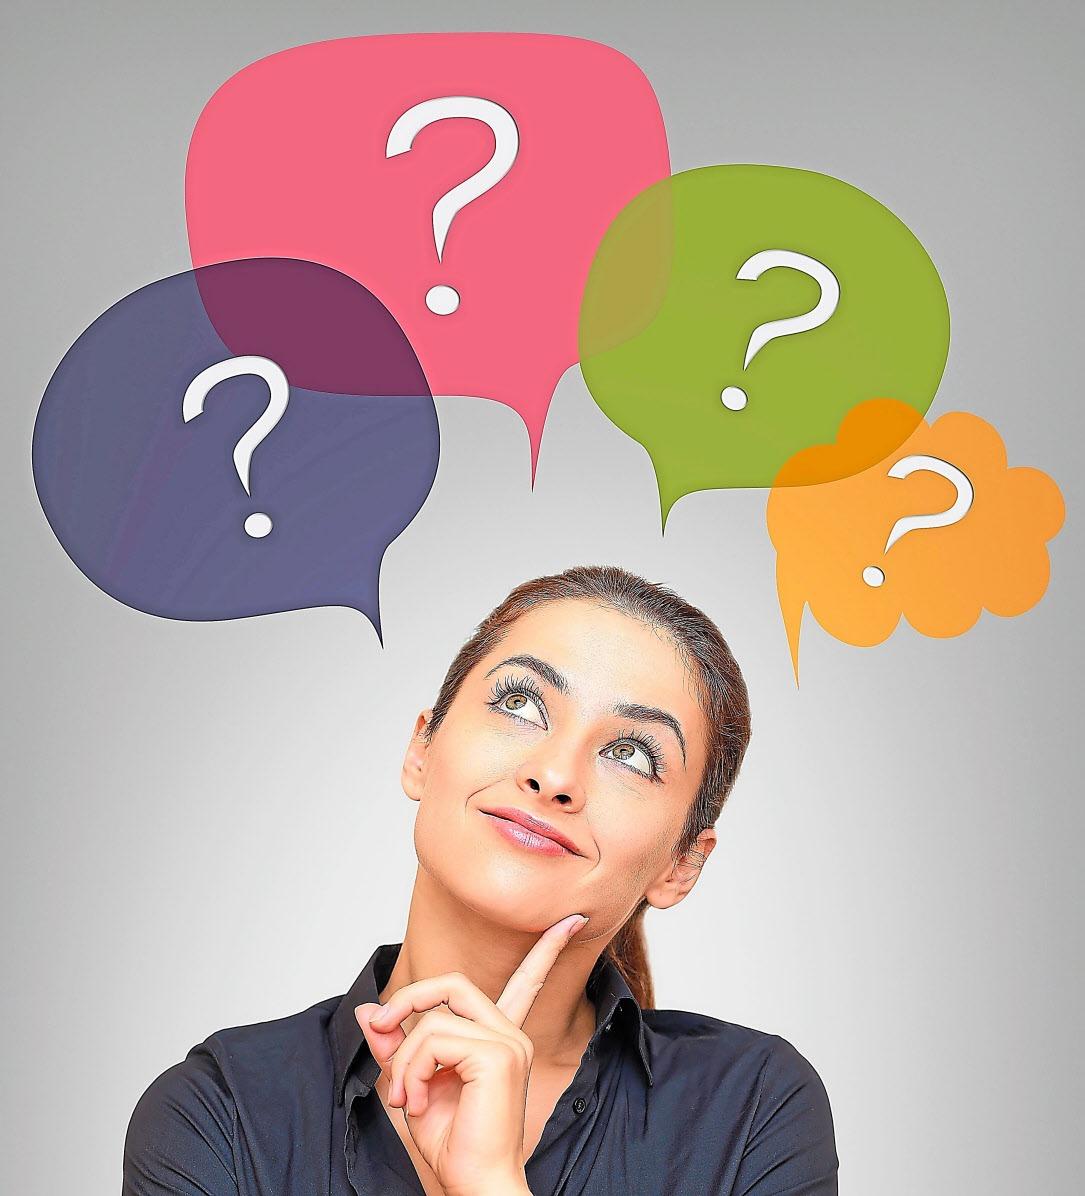 Vor dem Start in die Ausbildung brauchen Jugendliche auf viele Fragen eine kompetente Antwort. Foto: Getty Images